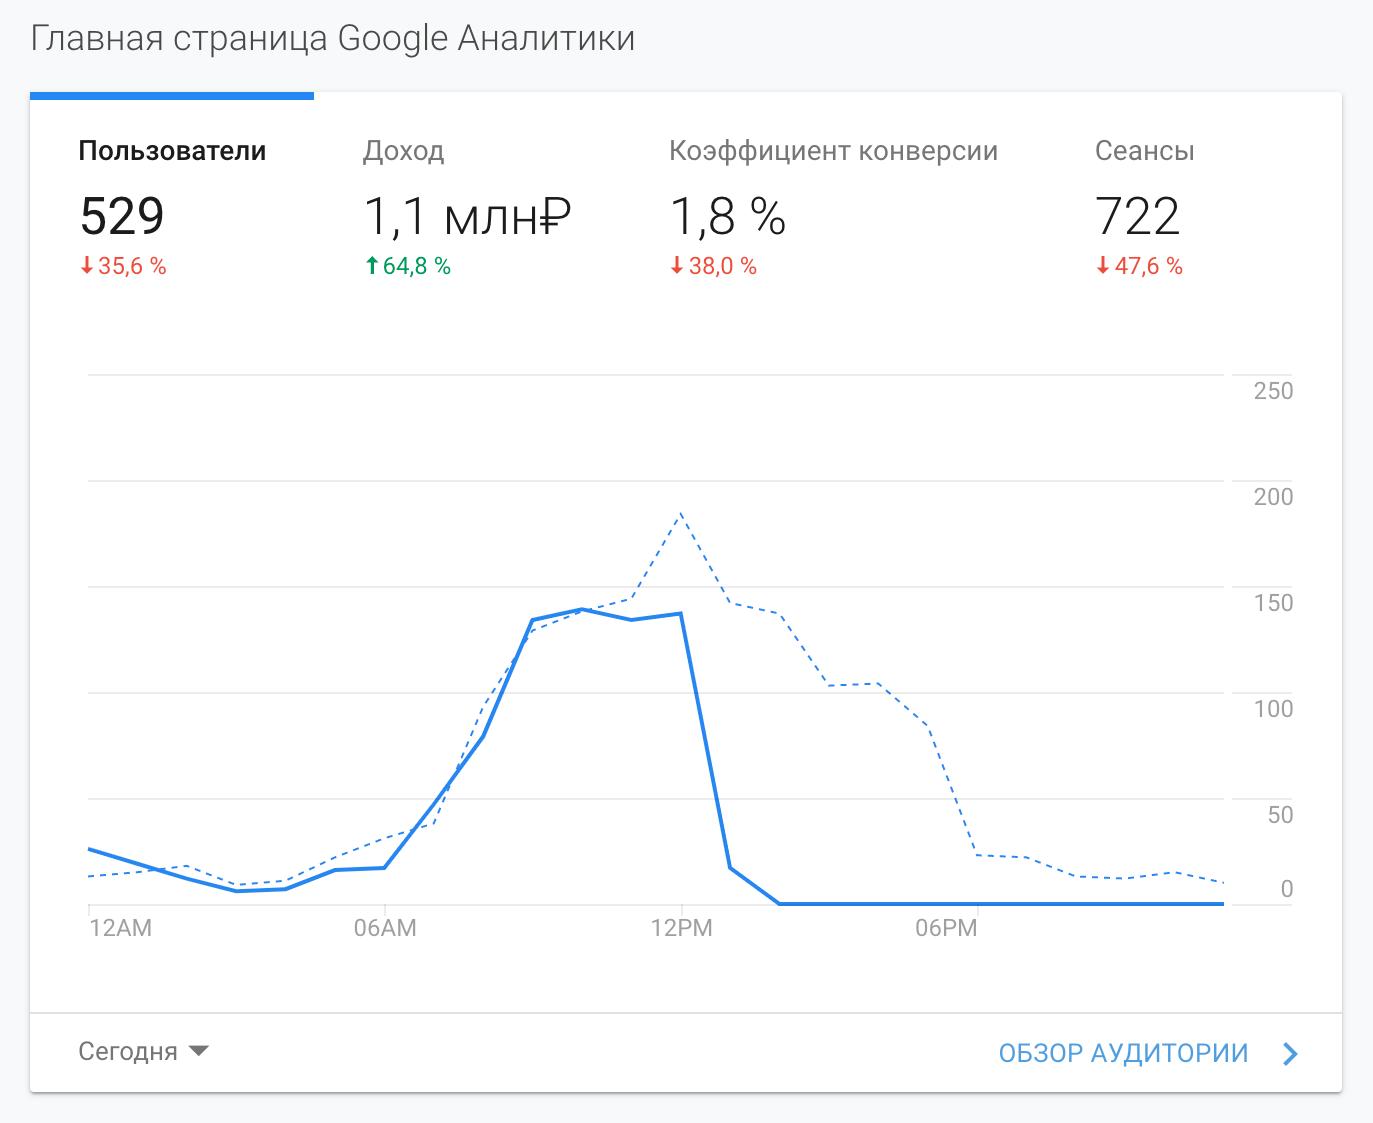 Я занимаюсь интернет-магазинами с 2013 года, поэтому хорошо разбираюсь в теме. Чтобы не пустословить, привожу несколько скриншотов продаж моих клиентов из Google Analytics от 2020 года. Диапазон данных указан внизу слева